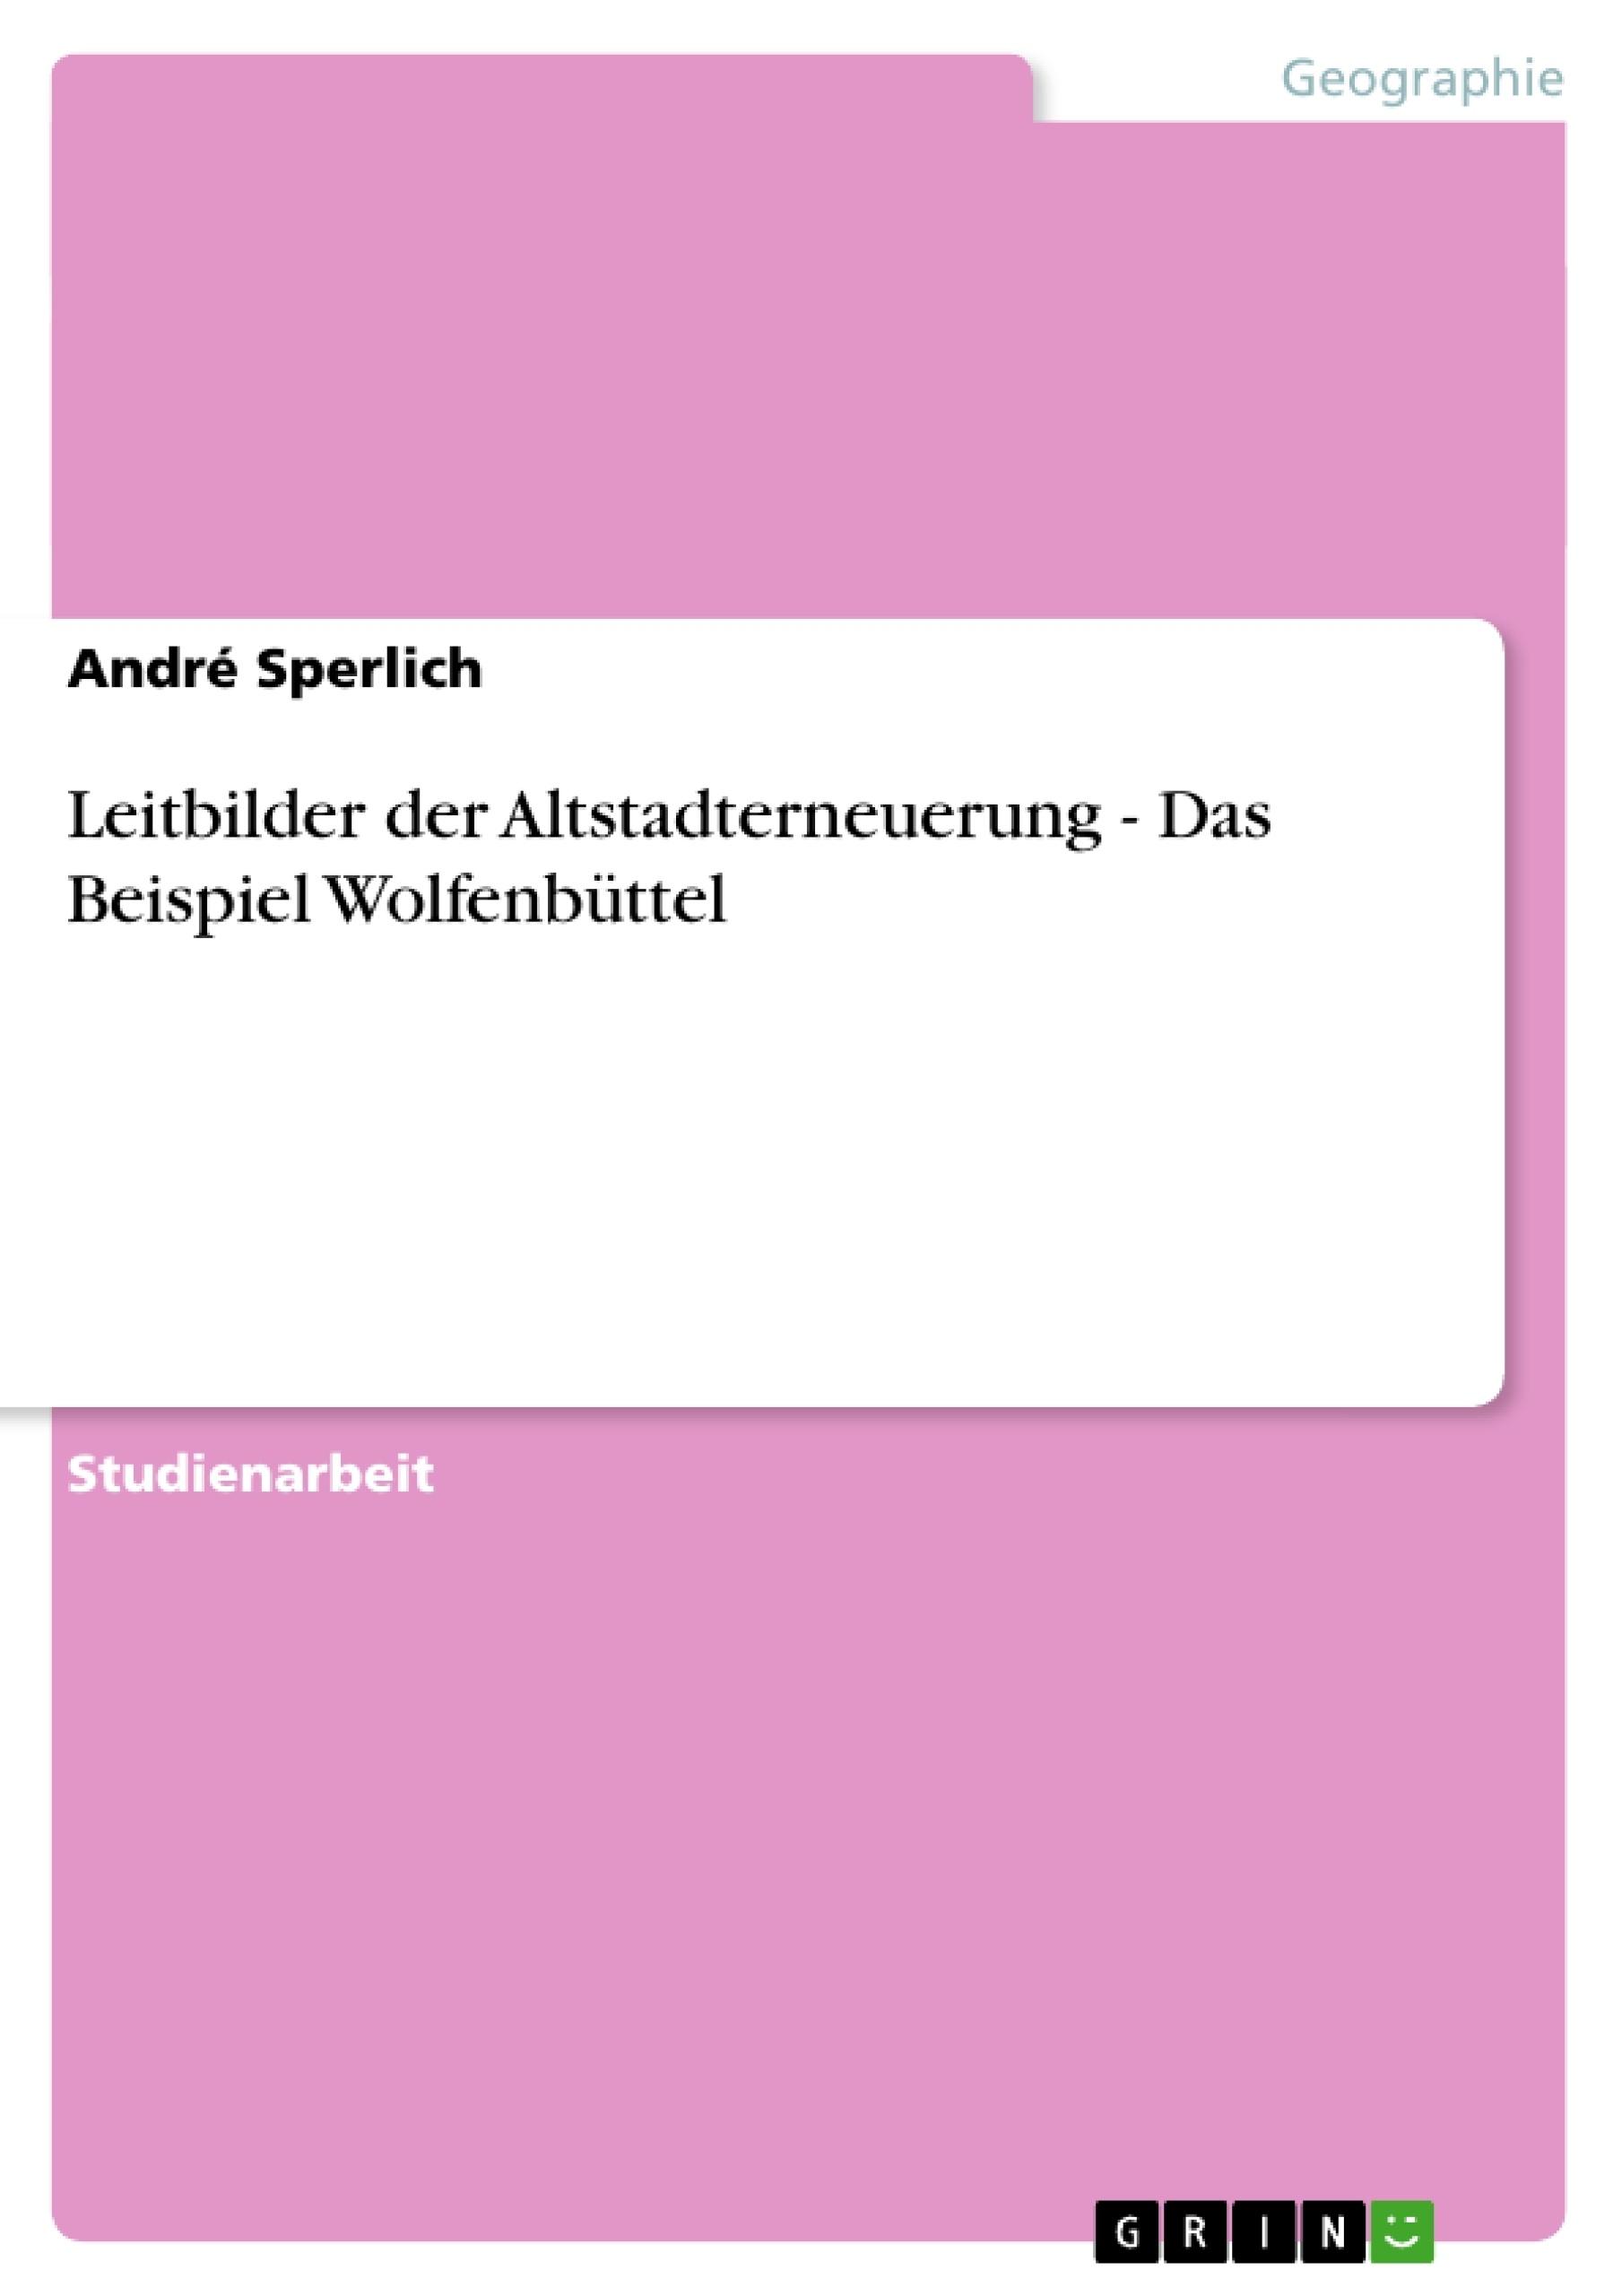 Titel: Leitbilder der Altstadterneuerung - Das Beispiel Wolfenbüttel